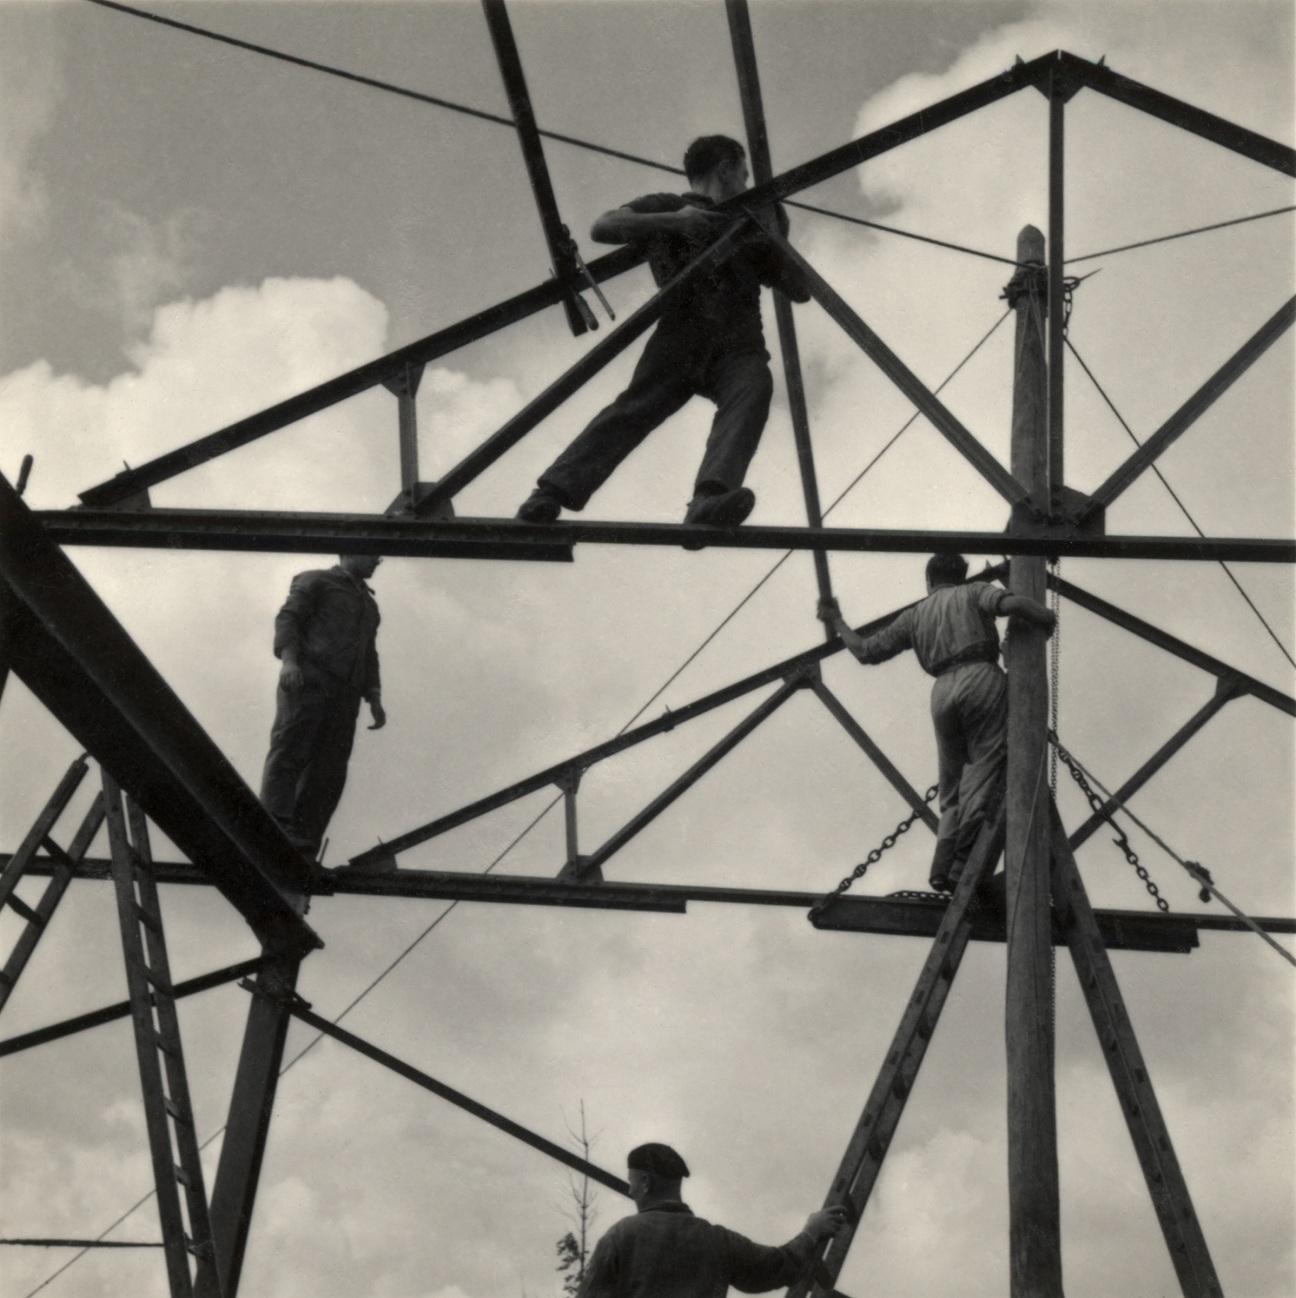 Młodzi syjoniści budują szkołę i odlewnię, ucząc się technik konstrukcyjnych, Werkdorp Nieuwesluis, Wieringermeer, Holandia, 1939 (fot.   Mara Vishniac Kohn, dzięki uprzejmości  International Center of Photography)